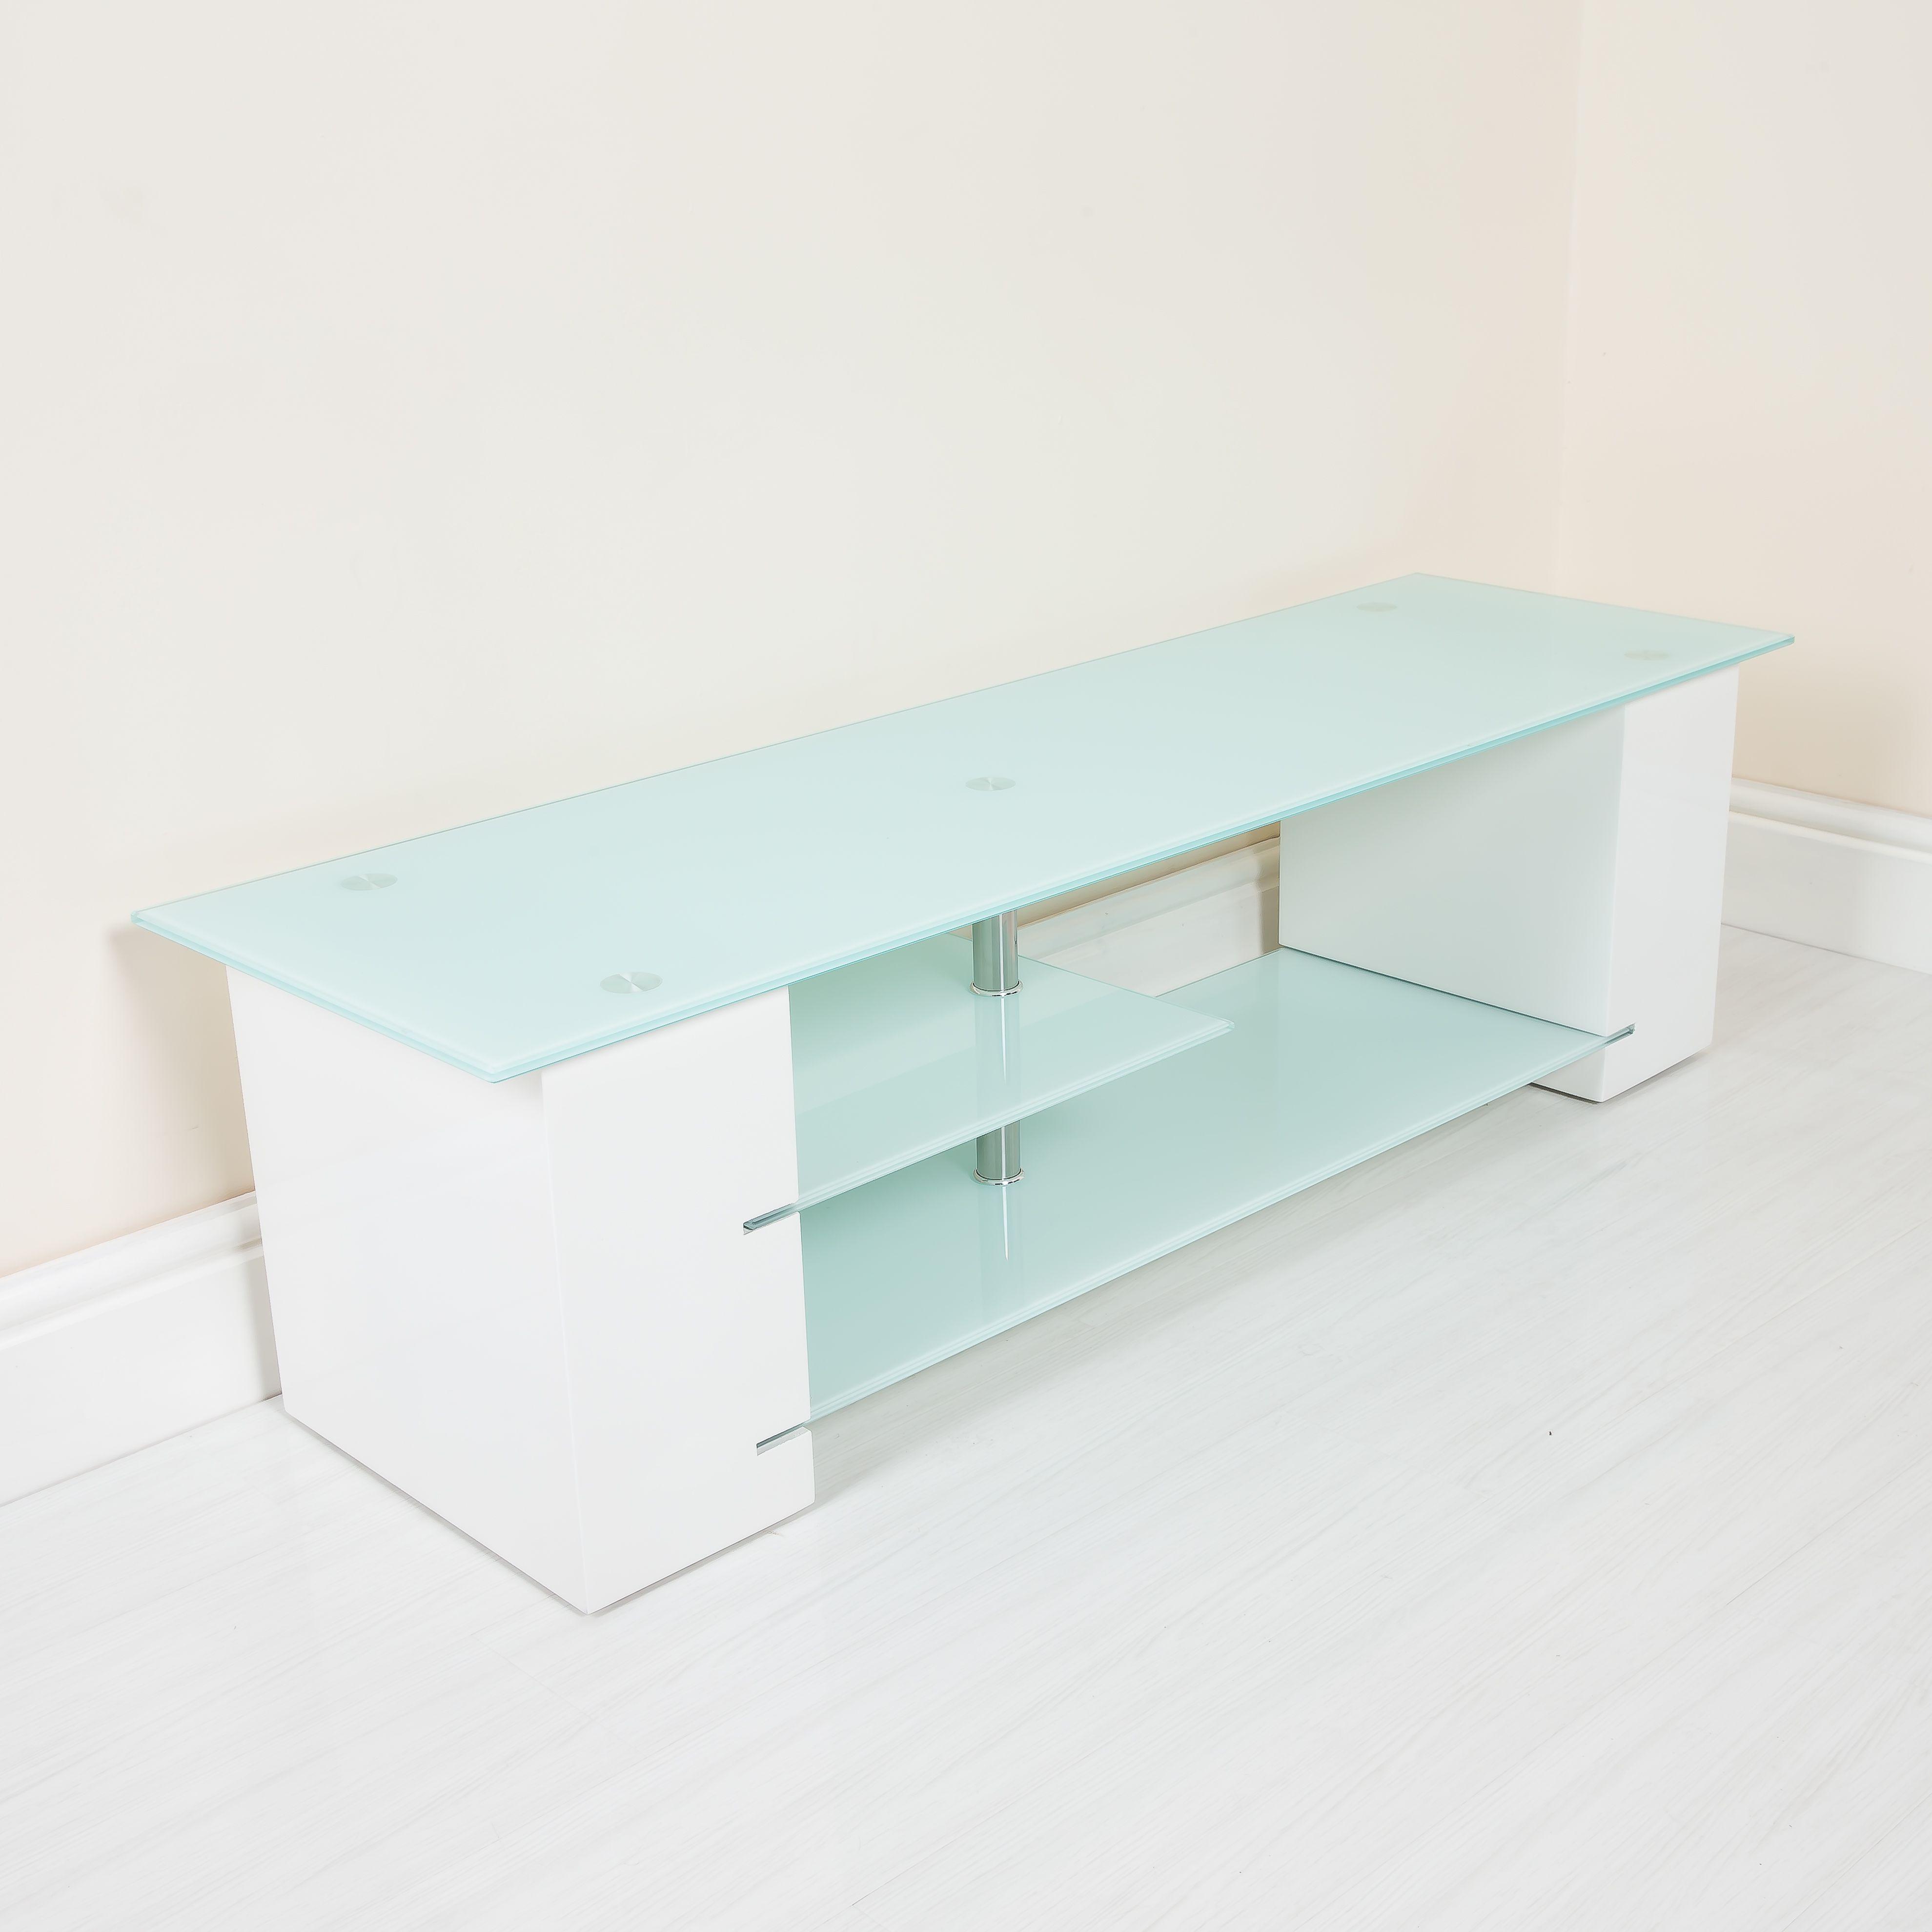 White Gloss Living Room Furniture Http Abreocouk Living Room Furniture Modern Tv Stands 3 Shelf